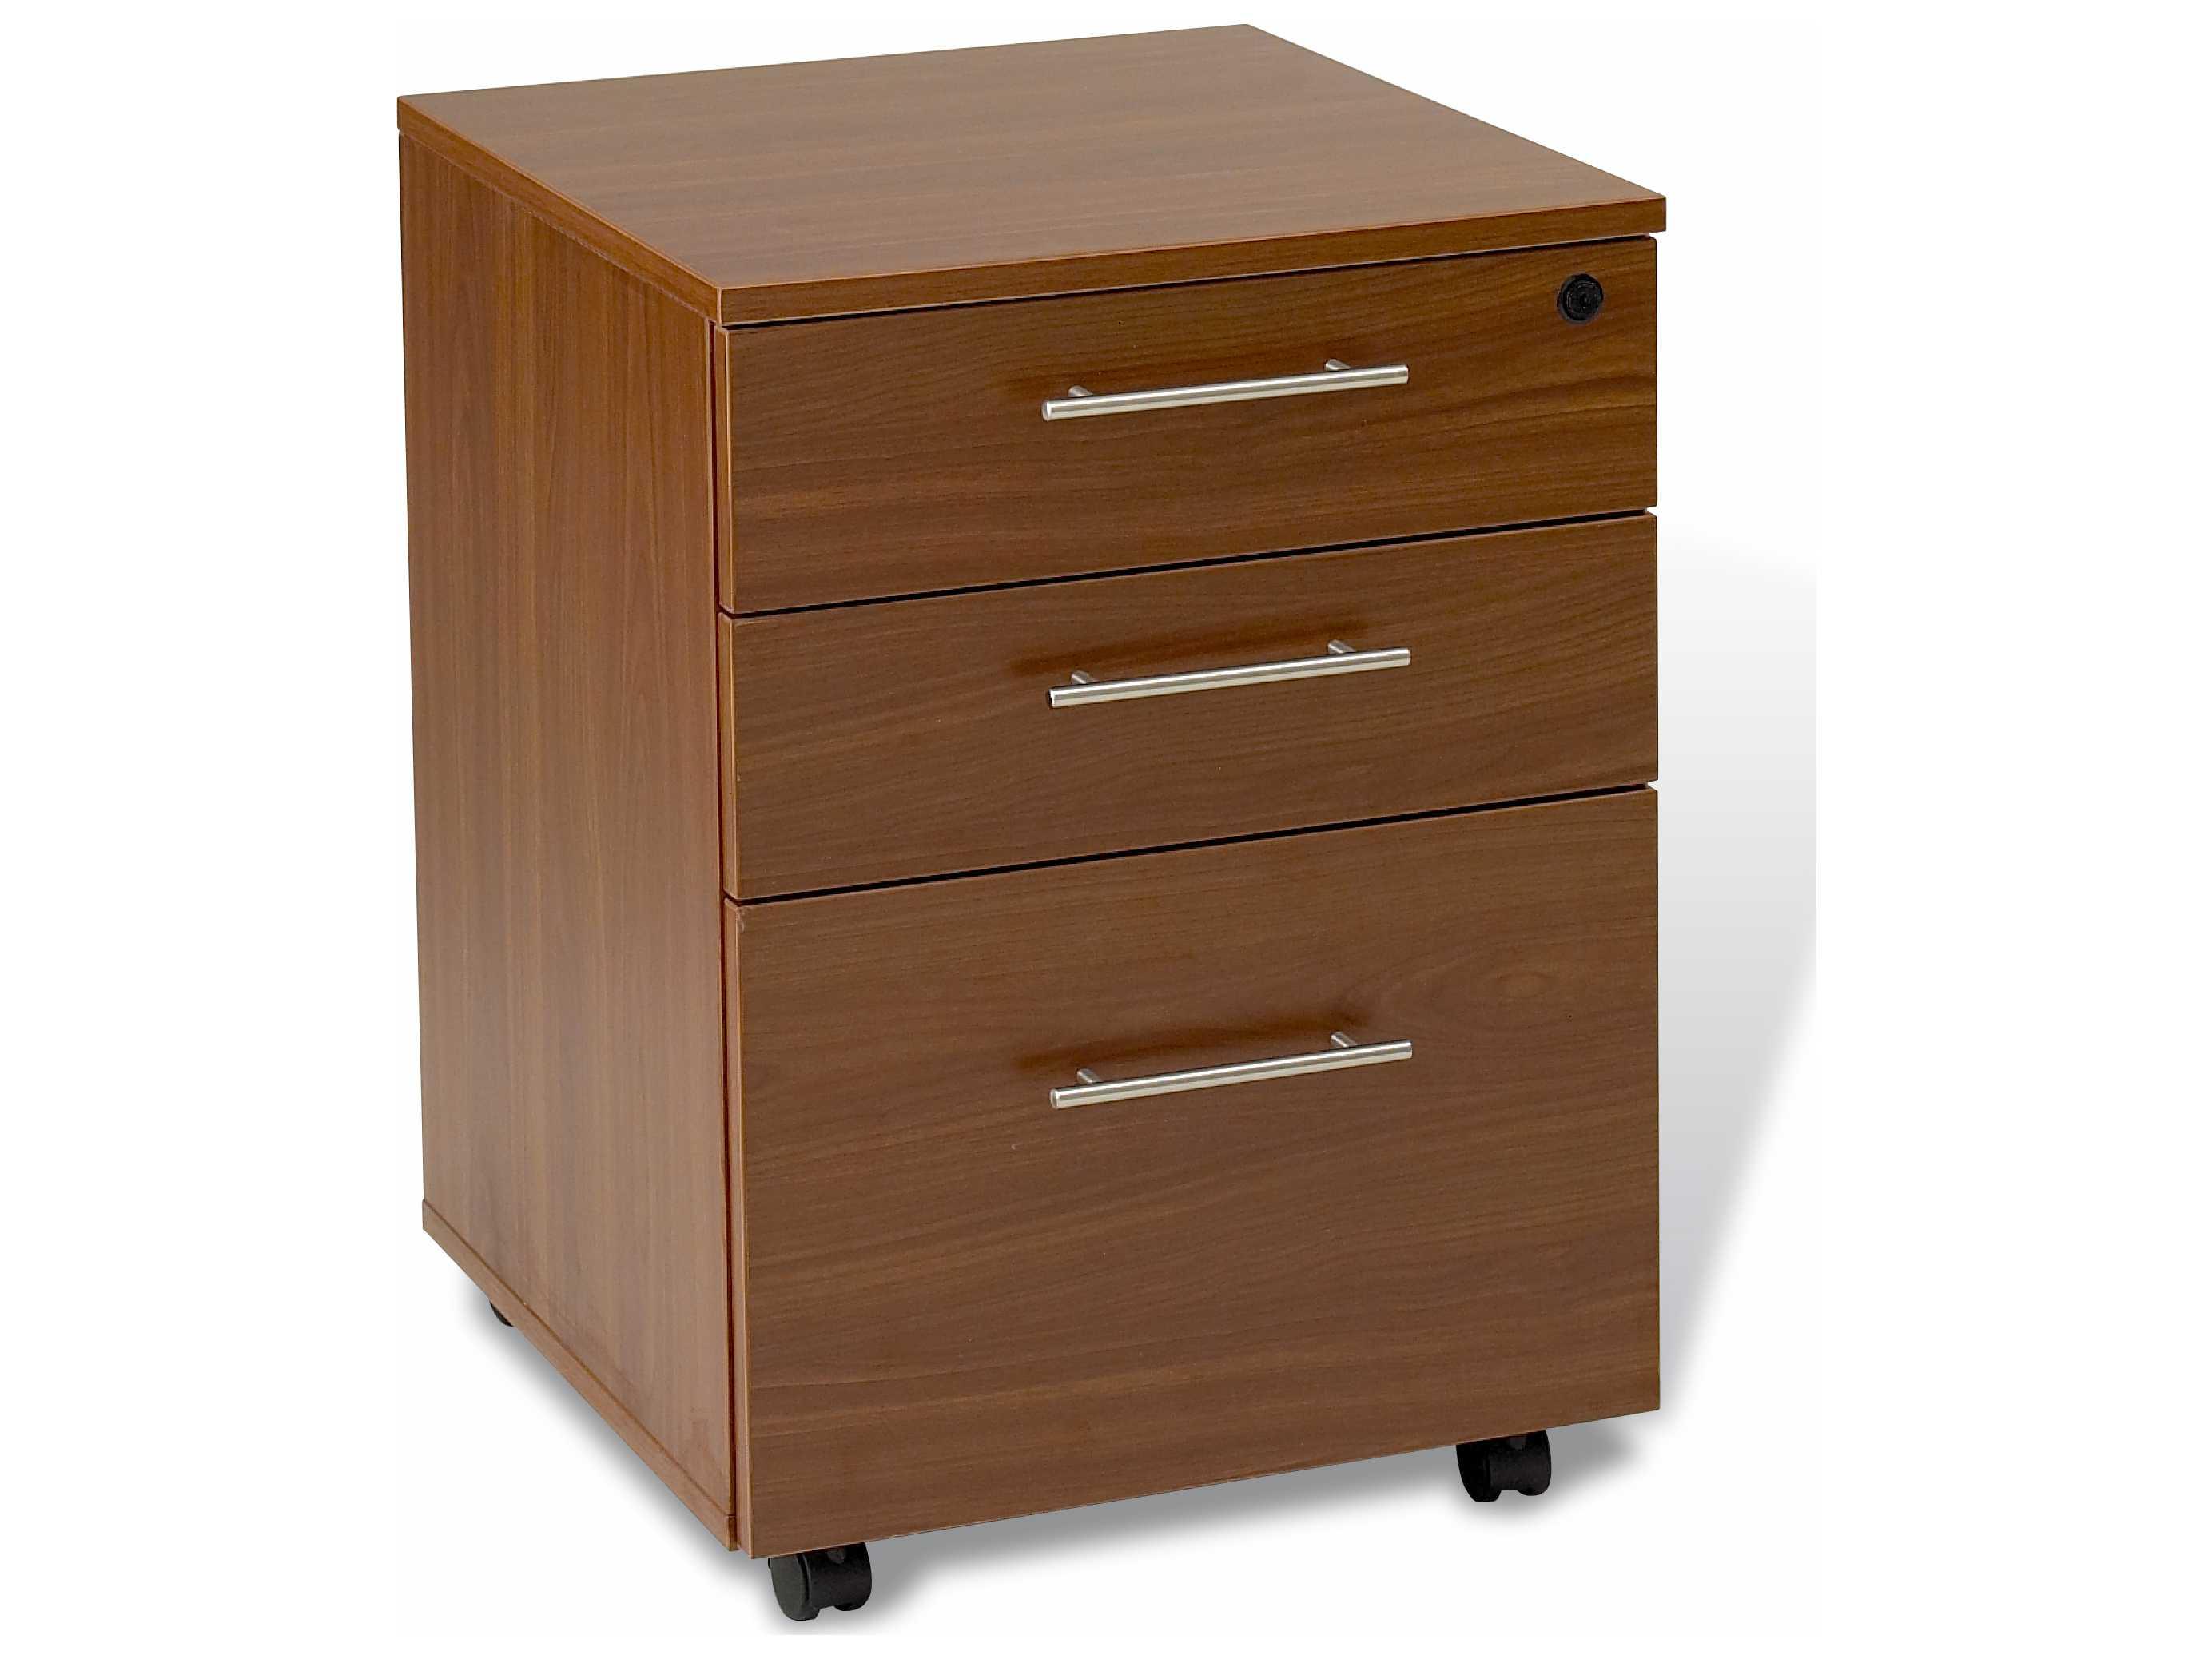 New Unique Wicker Cabinets 5 Wicker 2 Drawer File Cabinet  Newsonairorg